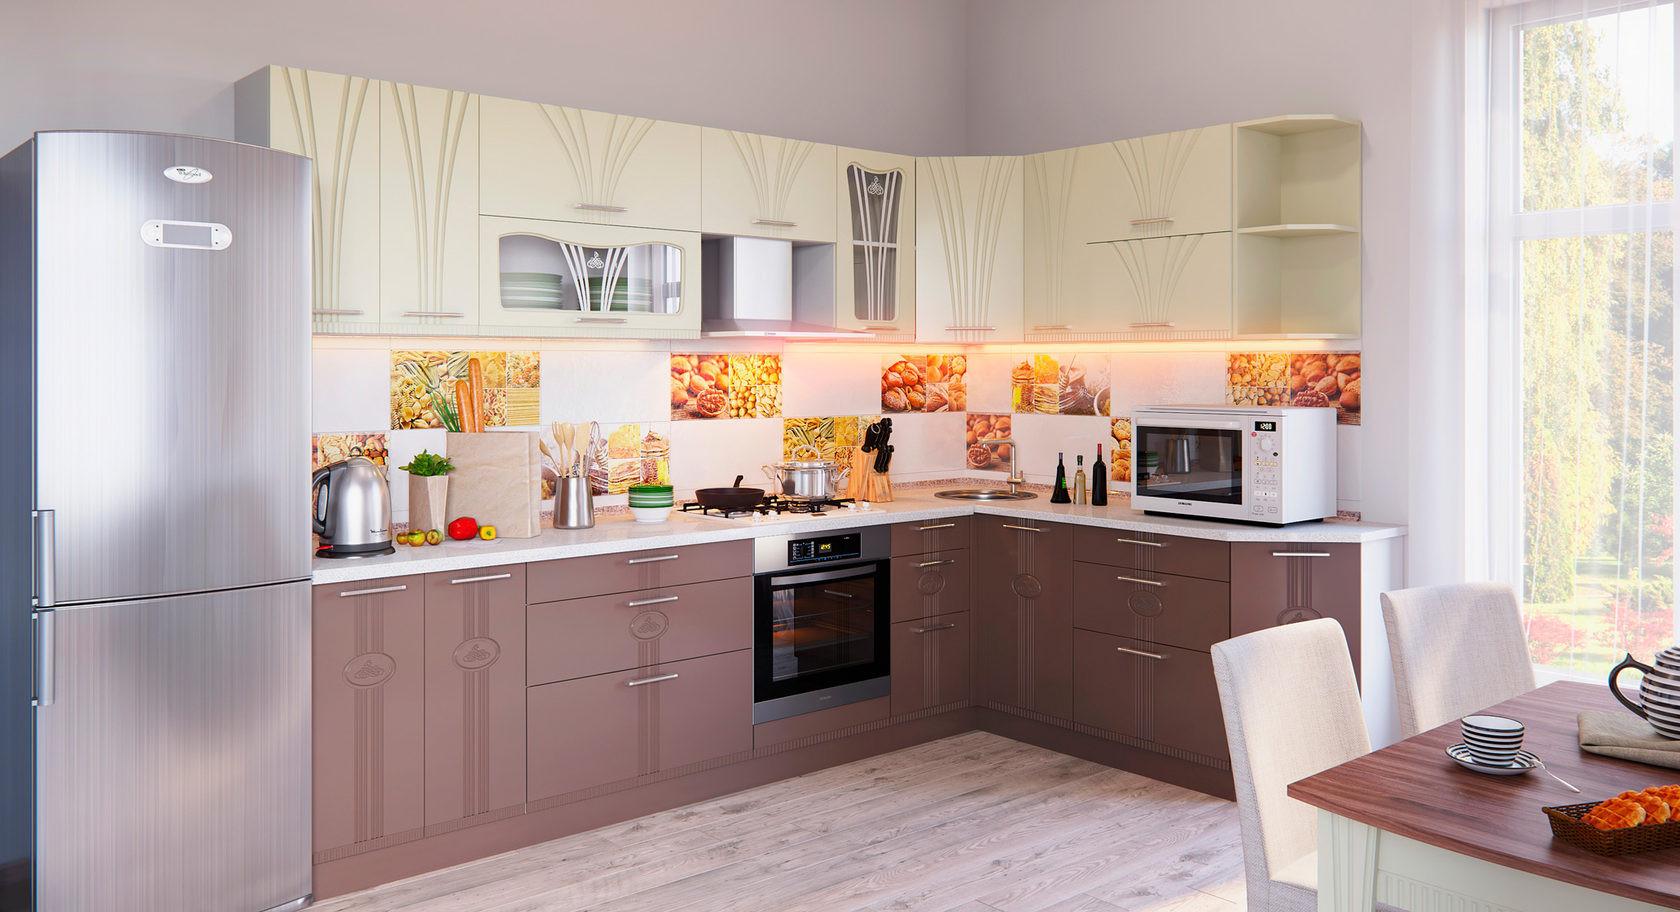 Кухонный гарнитур Лира угловая комплектация